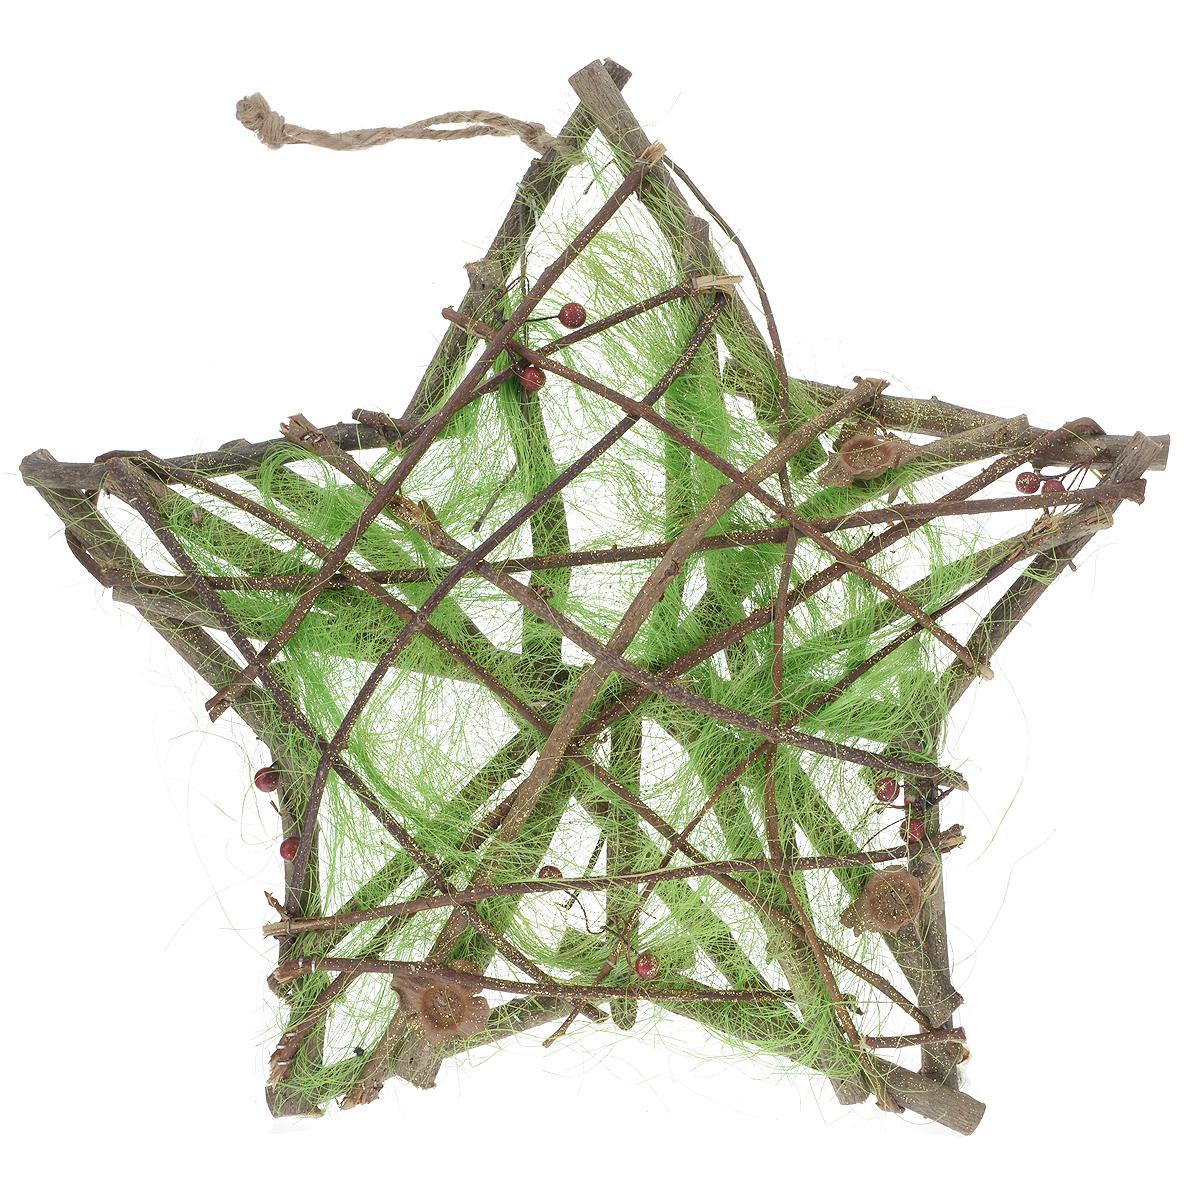 Декоративный элемент Dongjiang Art, 43 х 43 см7709038Декоративный элемент Dongjiang Art, изготовленный из натурального дерева, представляет собой звезду, оформленную цветными нитями и блестками. Изделие предназначено для дальнейшего украшения бусинами, лентами, стразами, фигурками, бумагой и другим материалом. Работа, выполненная своими руками, станет замечательным подарком для близких и друзей! Размер элемента: 43 см х 43 см х 4,5 см.